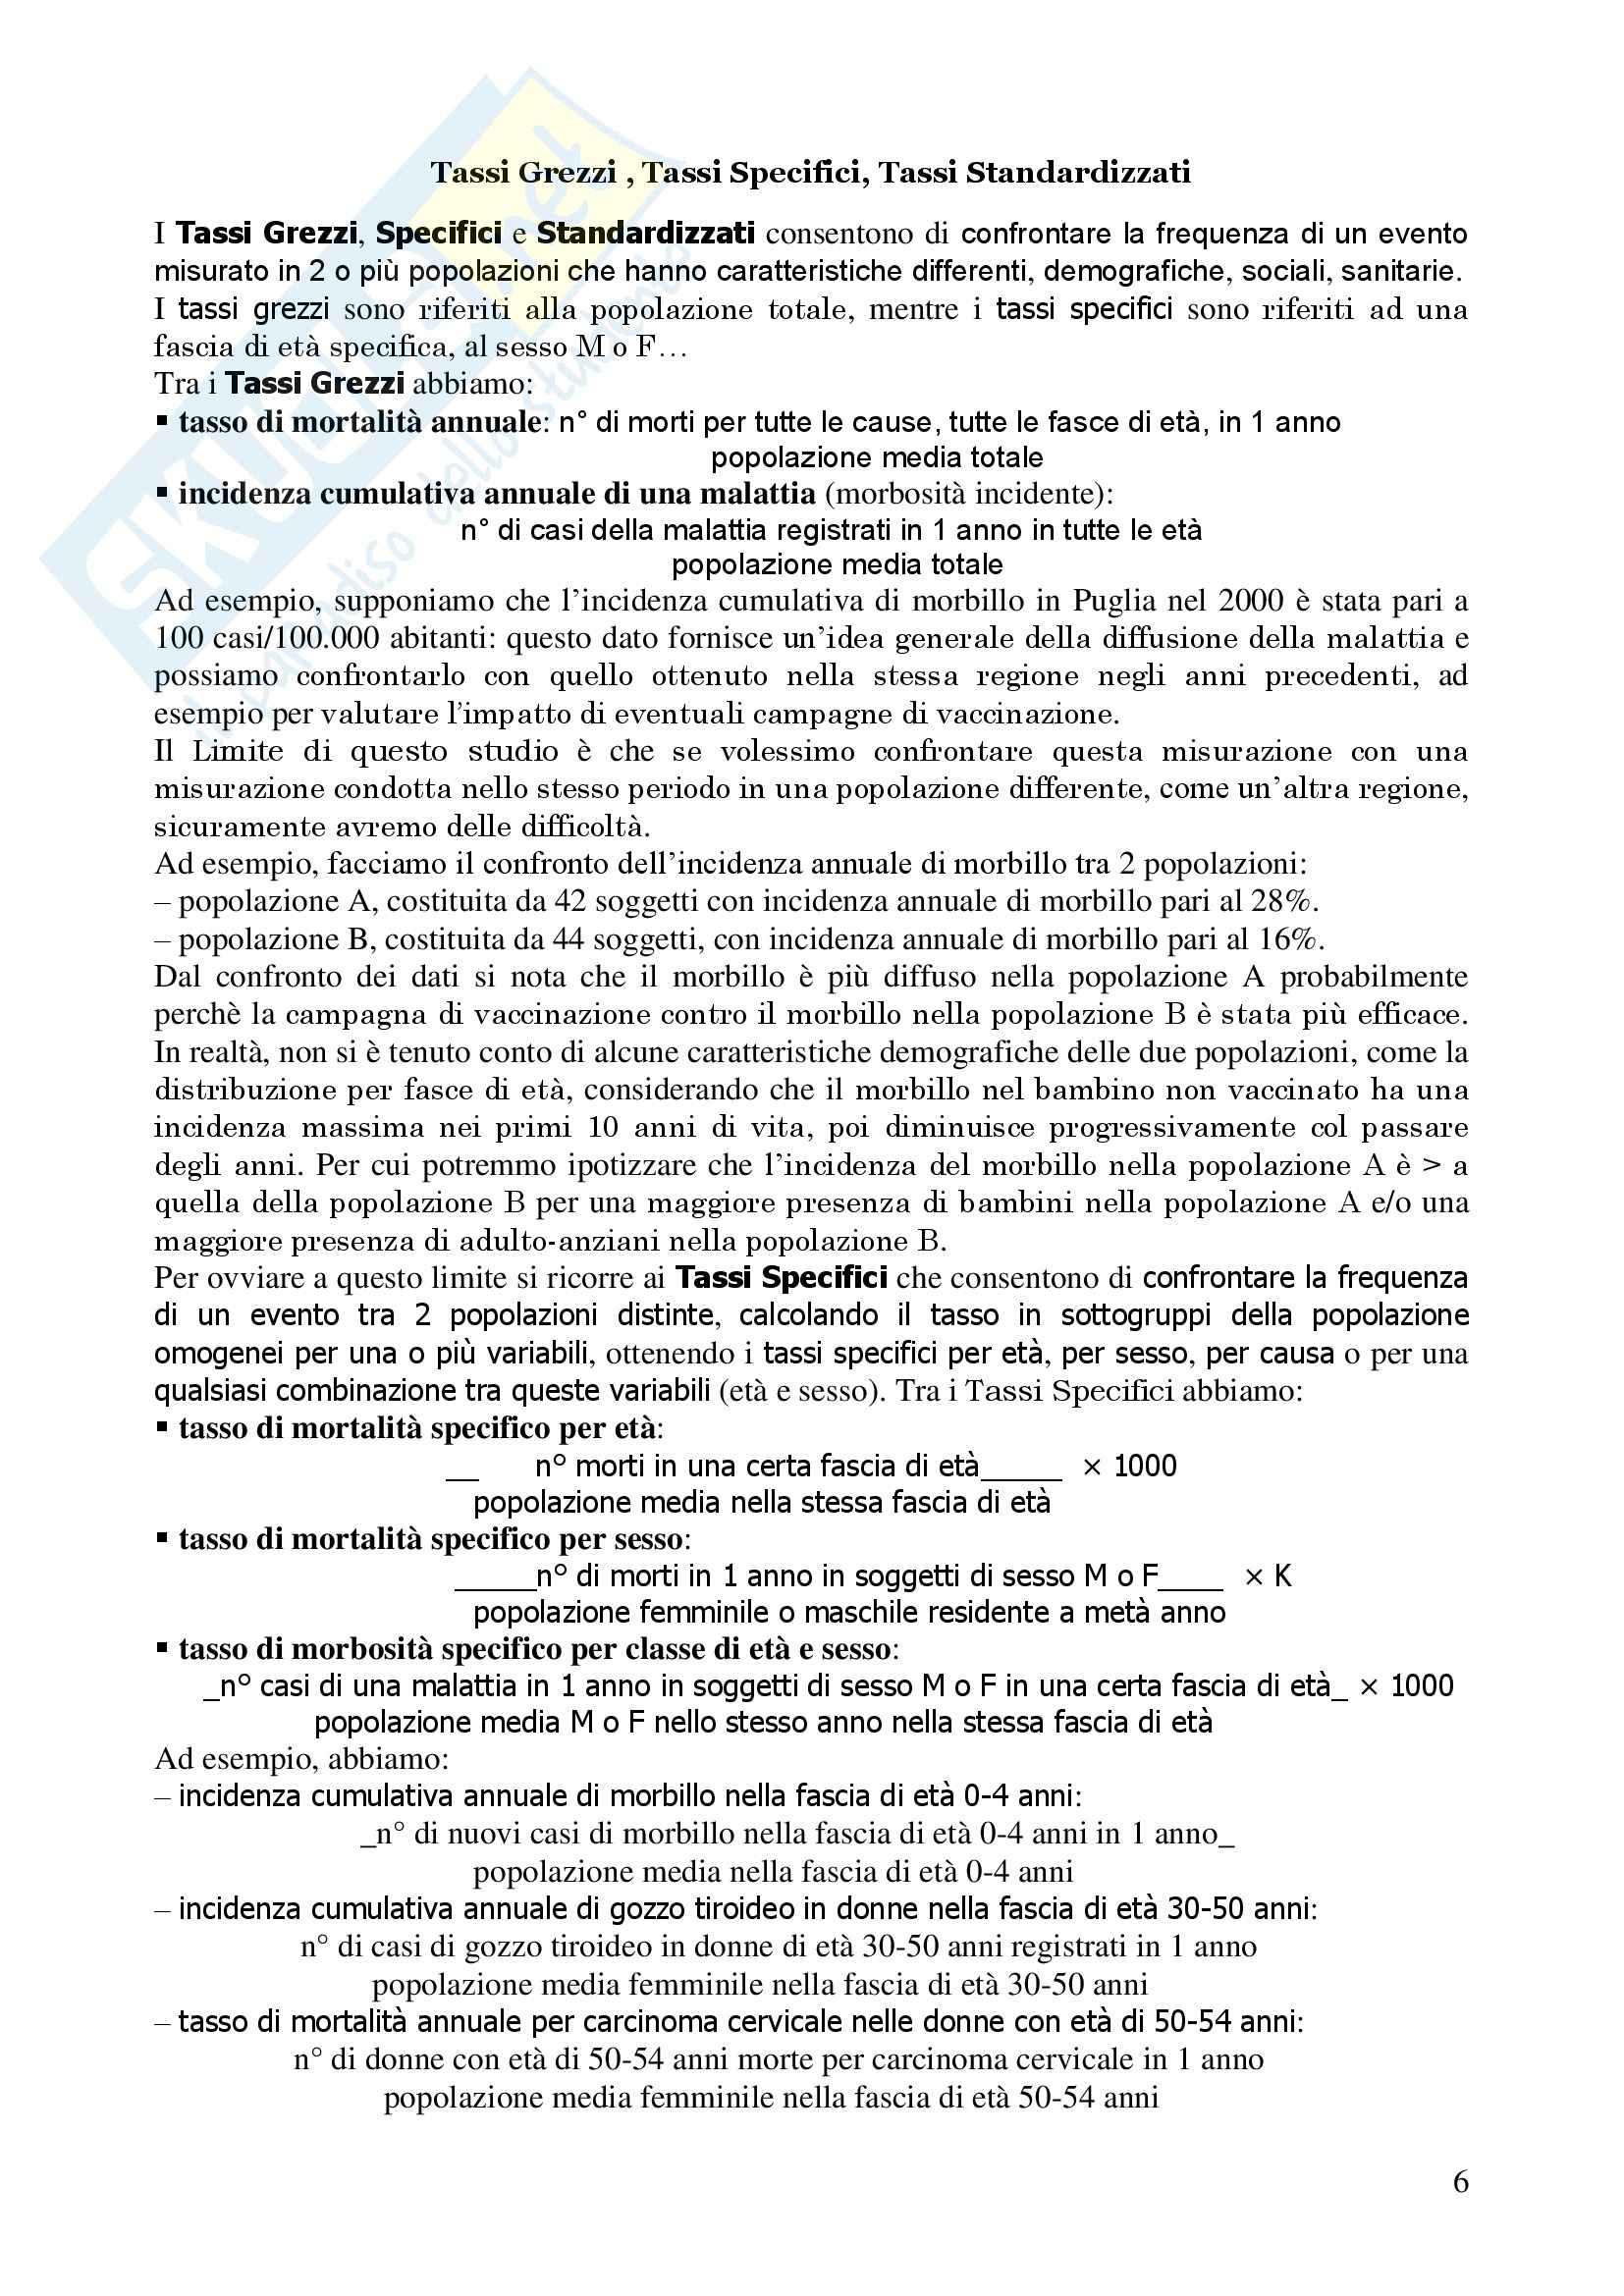 Metodologia Epidemiologica ed Igiene - Corso completo Pag. 6